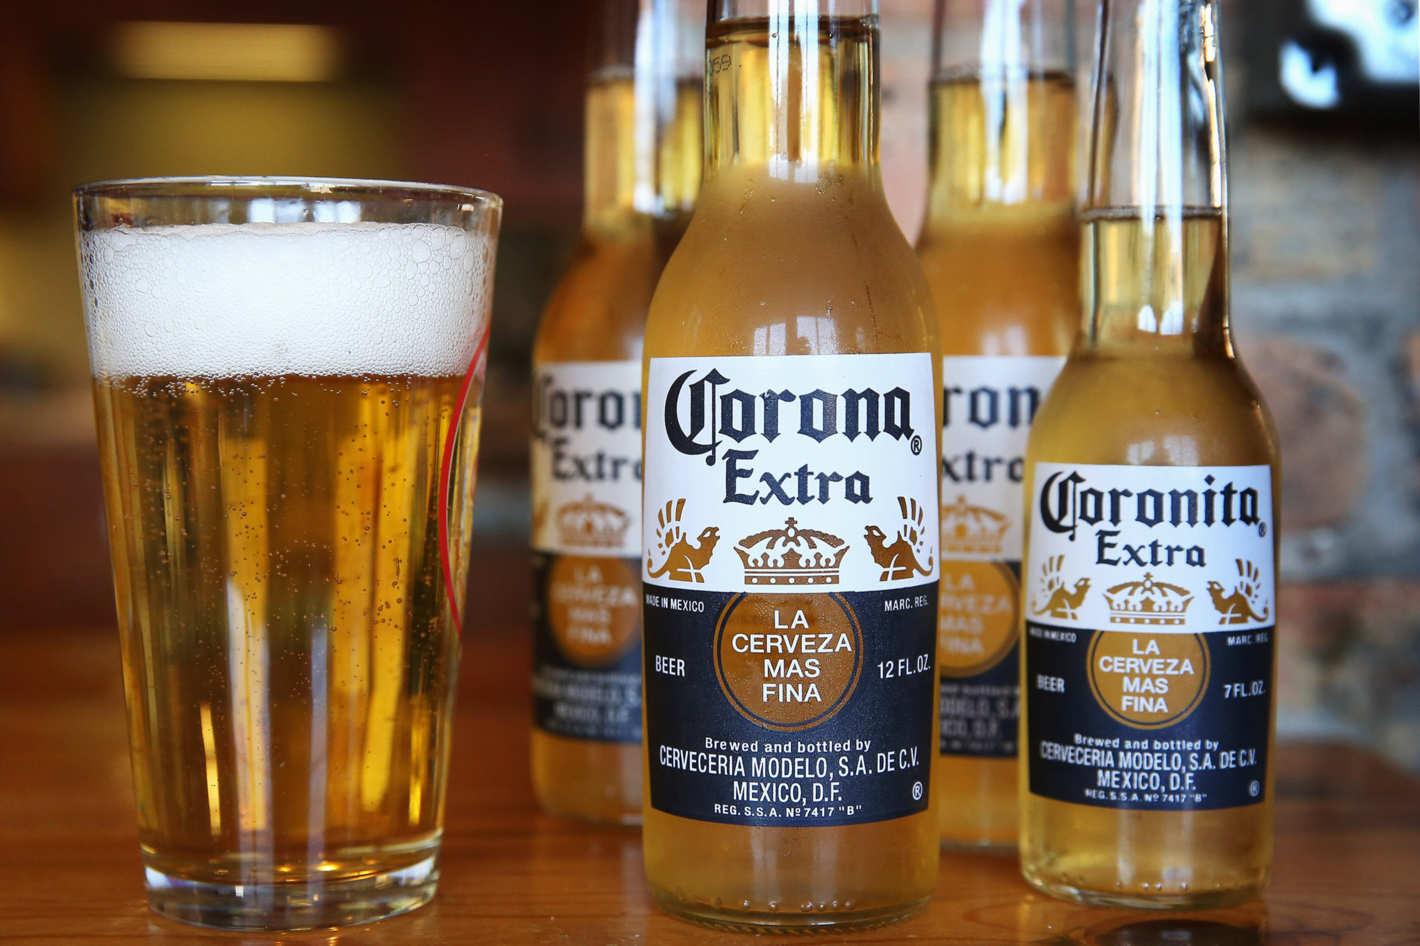 Coronavirus, la birra Corona ferma la produzione